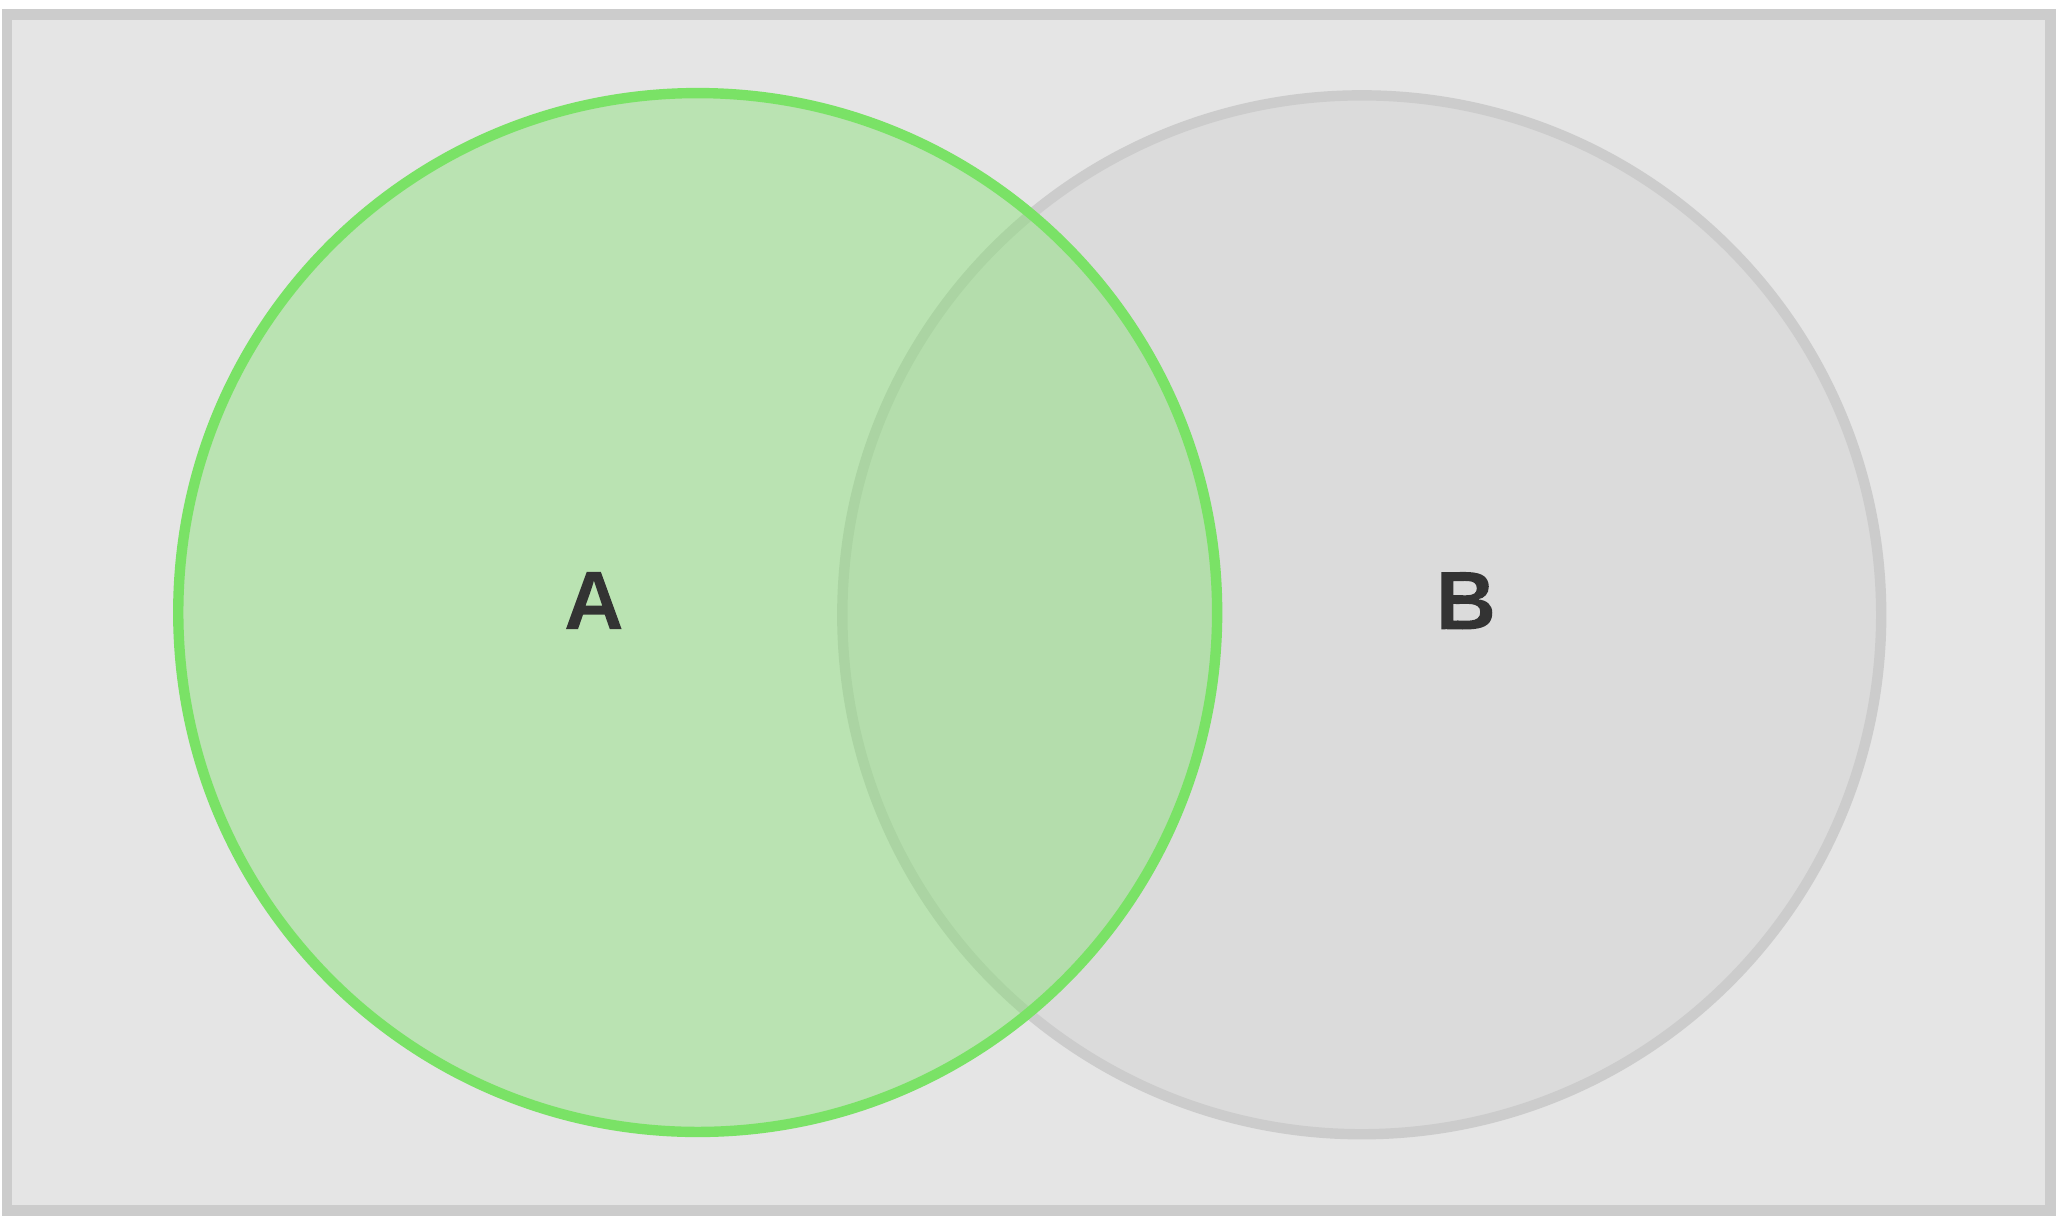 A Complement Union B Complement Venn Diagram